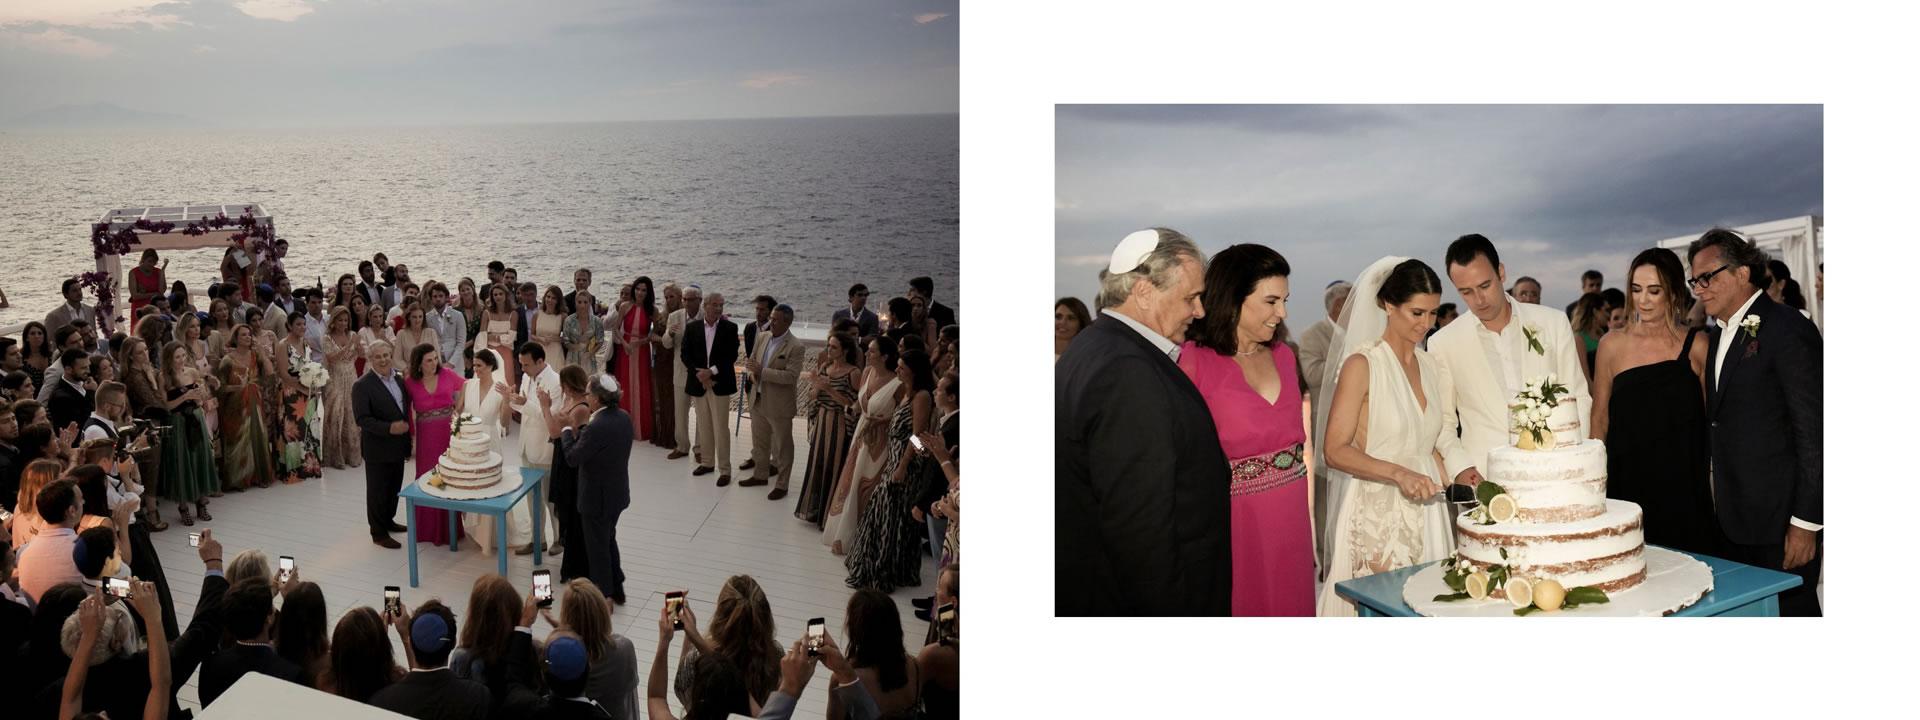 - 50 :: Jewish luxury wedding weekend in Capri :: Luxury wedding photography - 49 ::  - 50